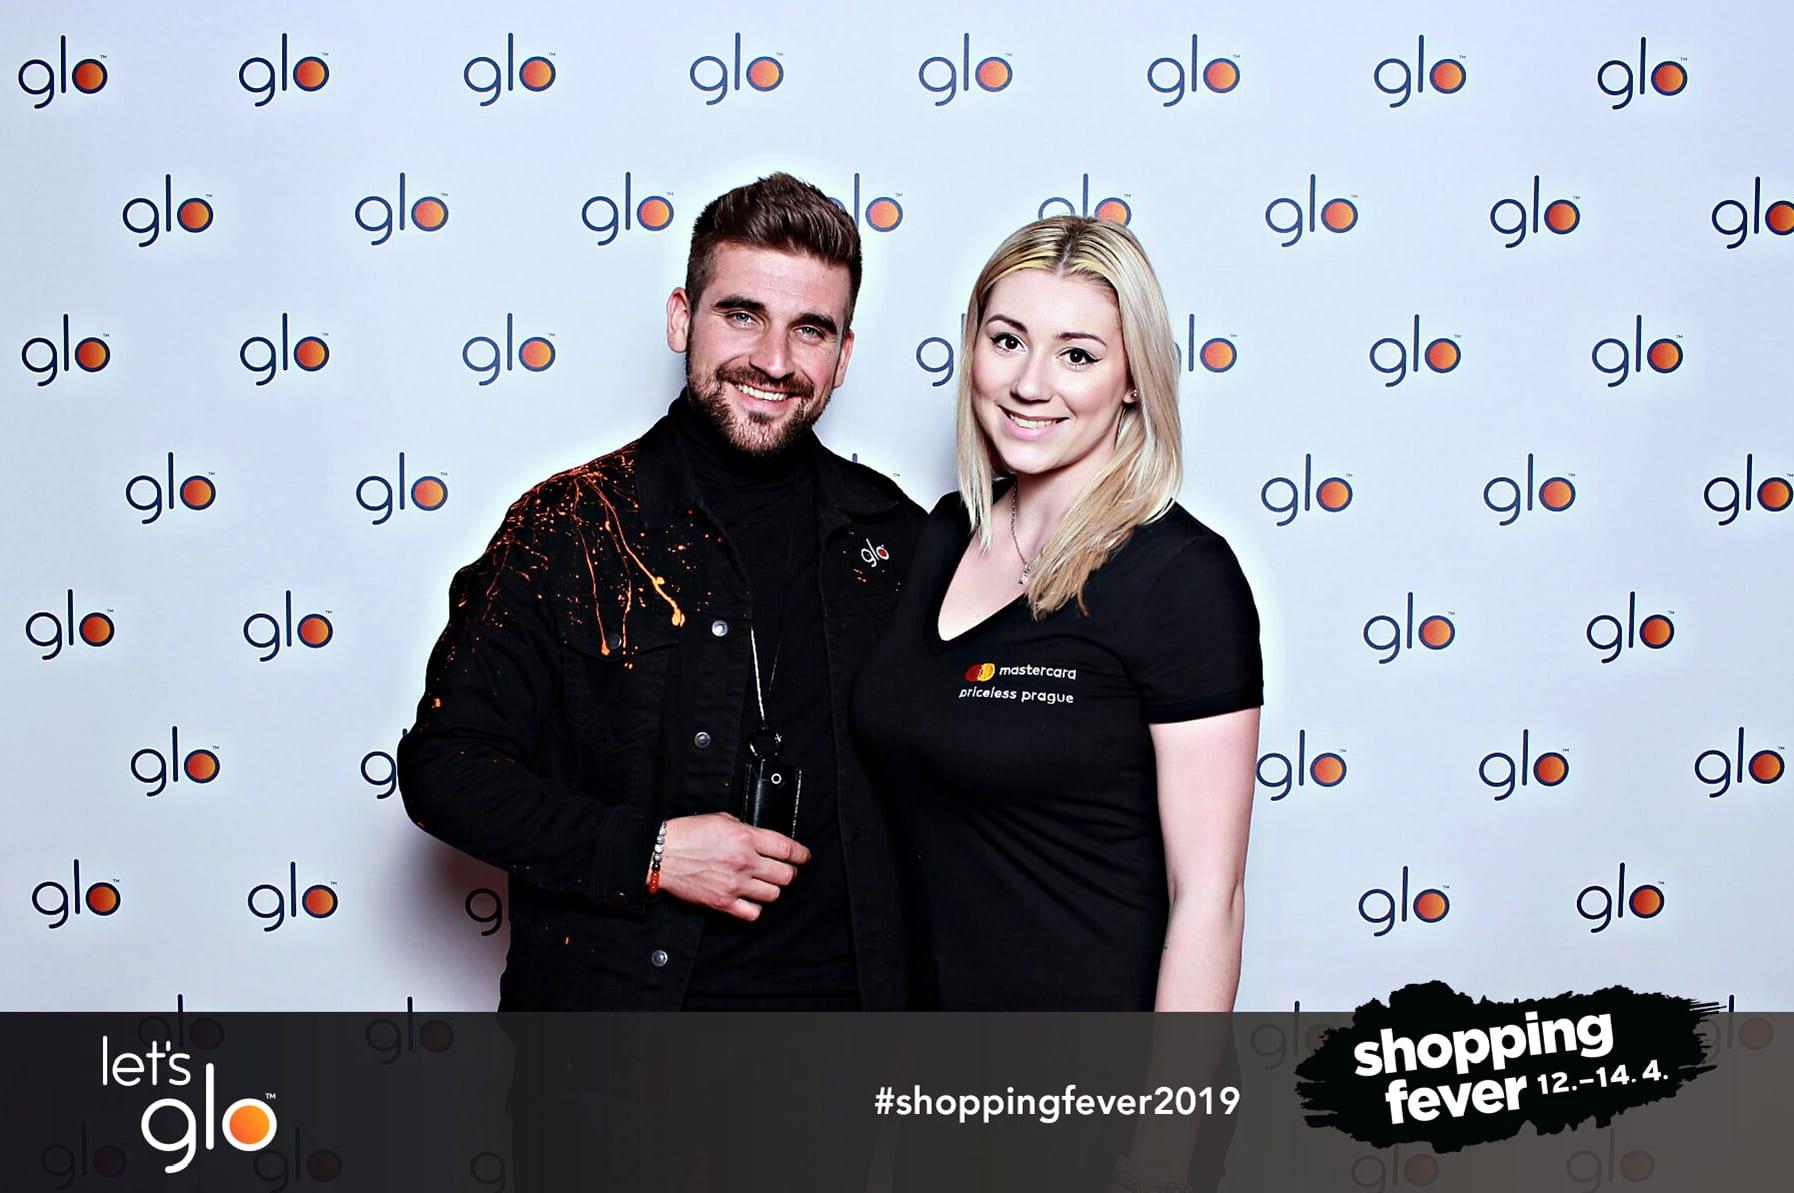 fotokoutek-glo-12-4-2019-595033